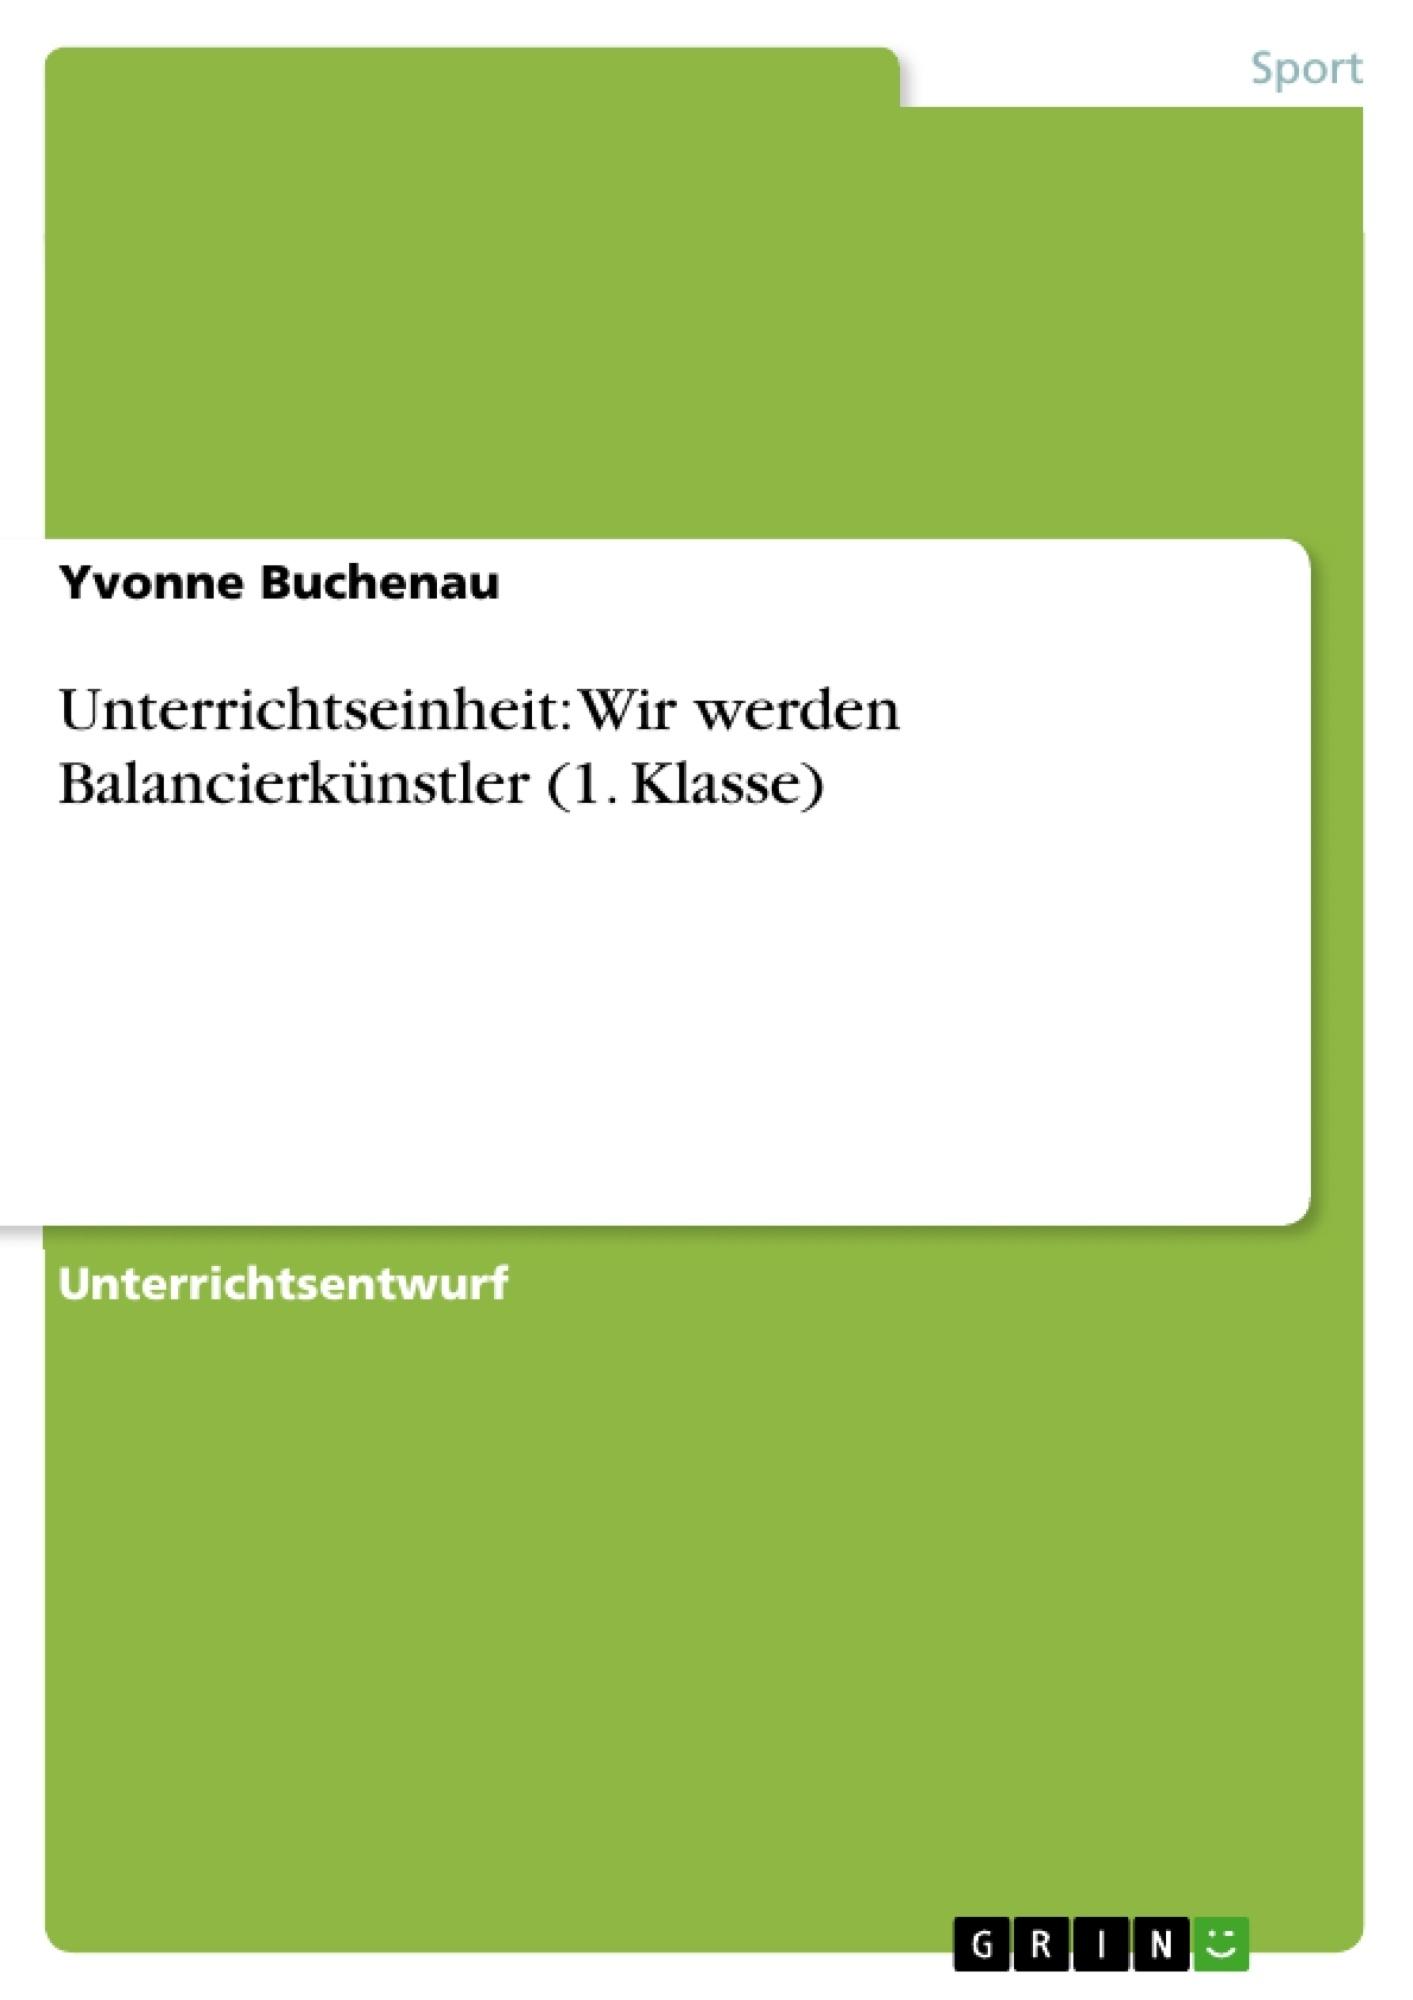 Titel: Unterrichtseinheit: Wir werden Balancierkünstler (1. Klasse)